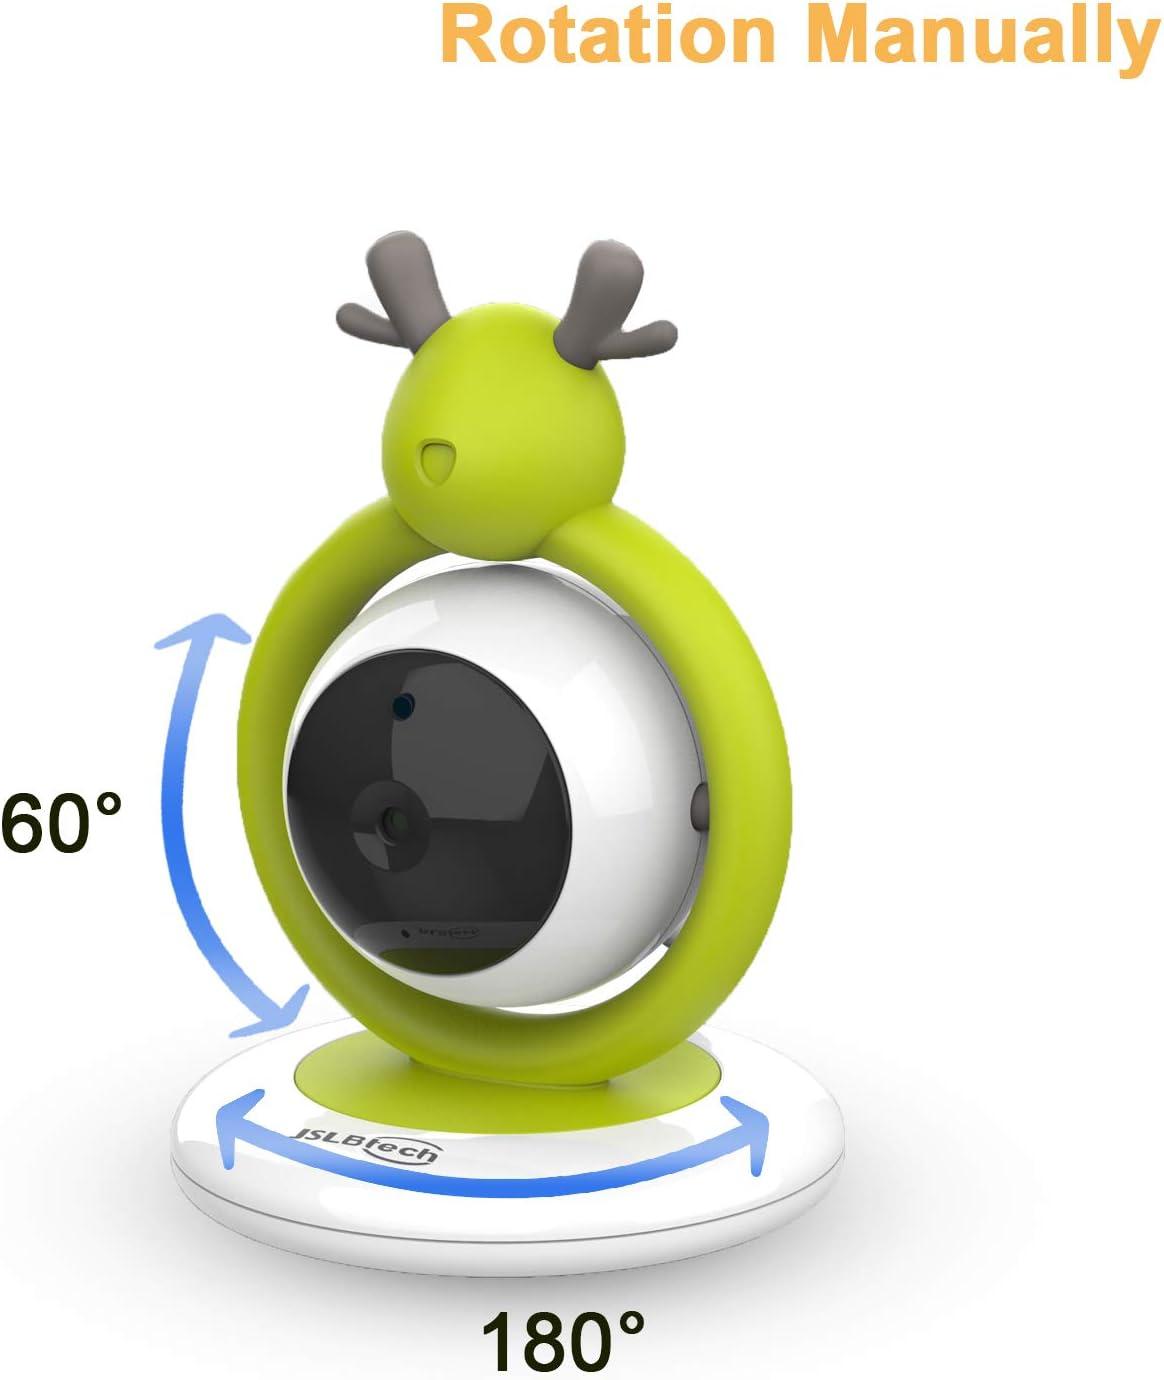 JSLBtech Babyphone Moniteur vid/éo b/éb/é avec /écran LCD 4,3 zoom avant d/étection de temp/érature /économie d/énergie//Vox vision nocturne automatique Audio Bidirectionnel